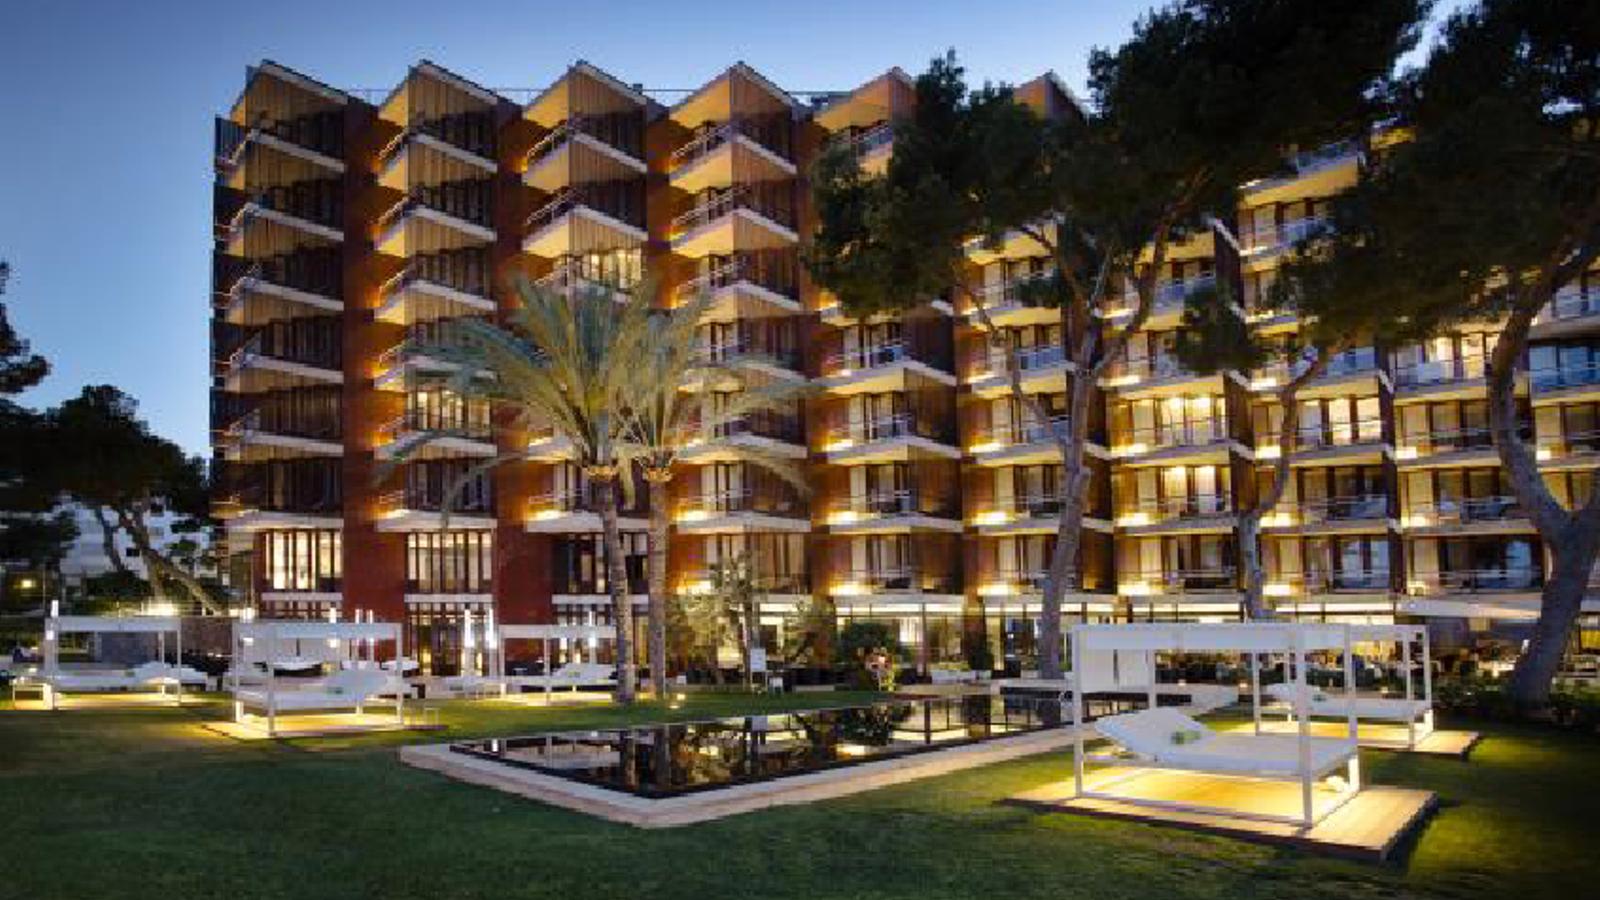 L'hotel Meliá de Mar.